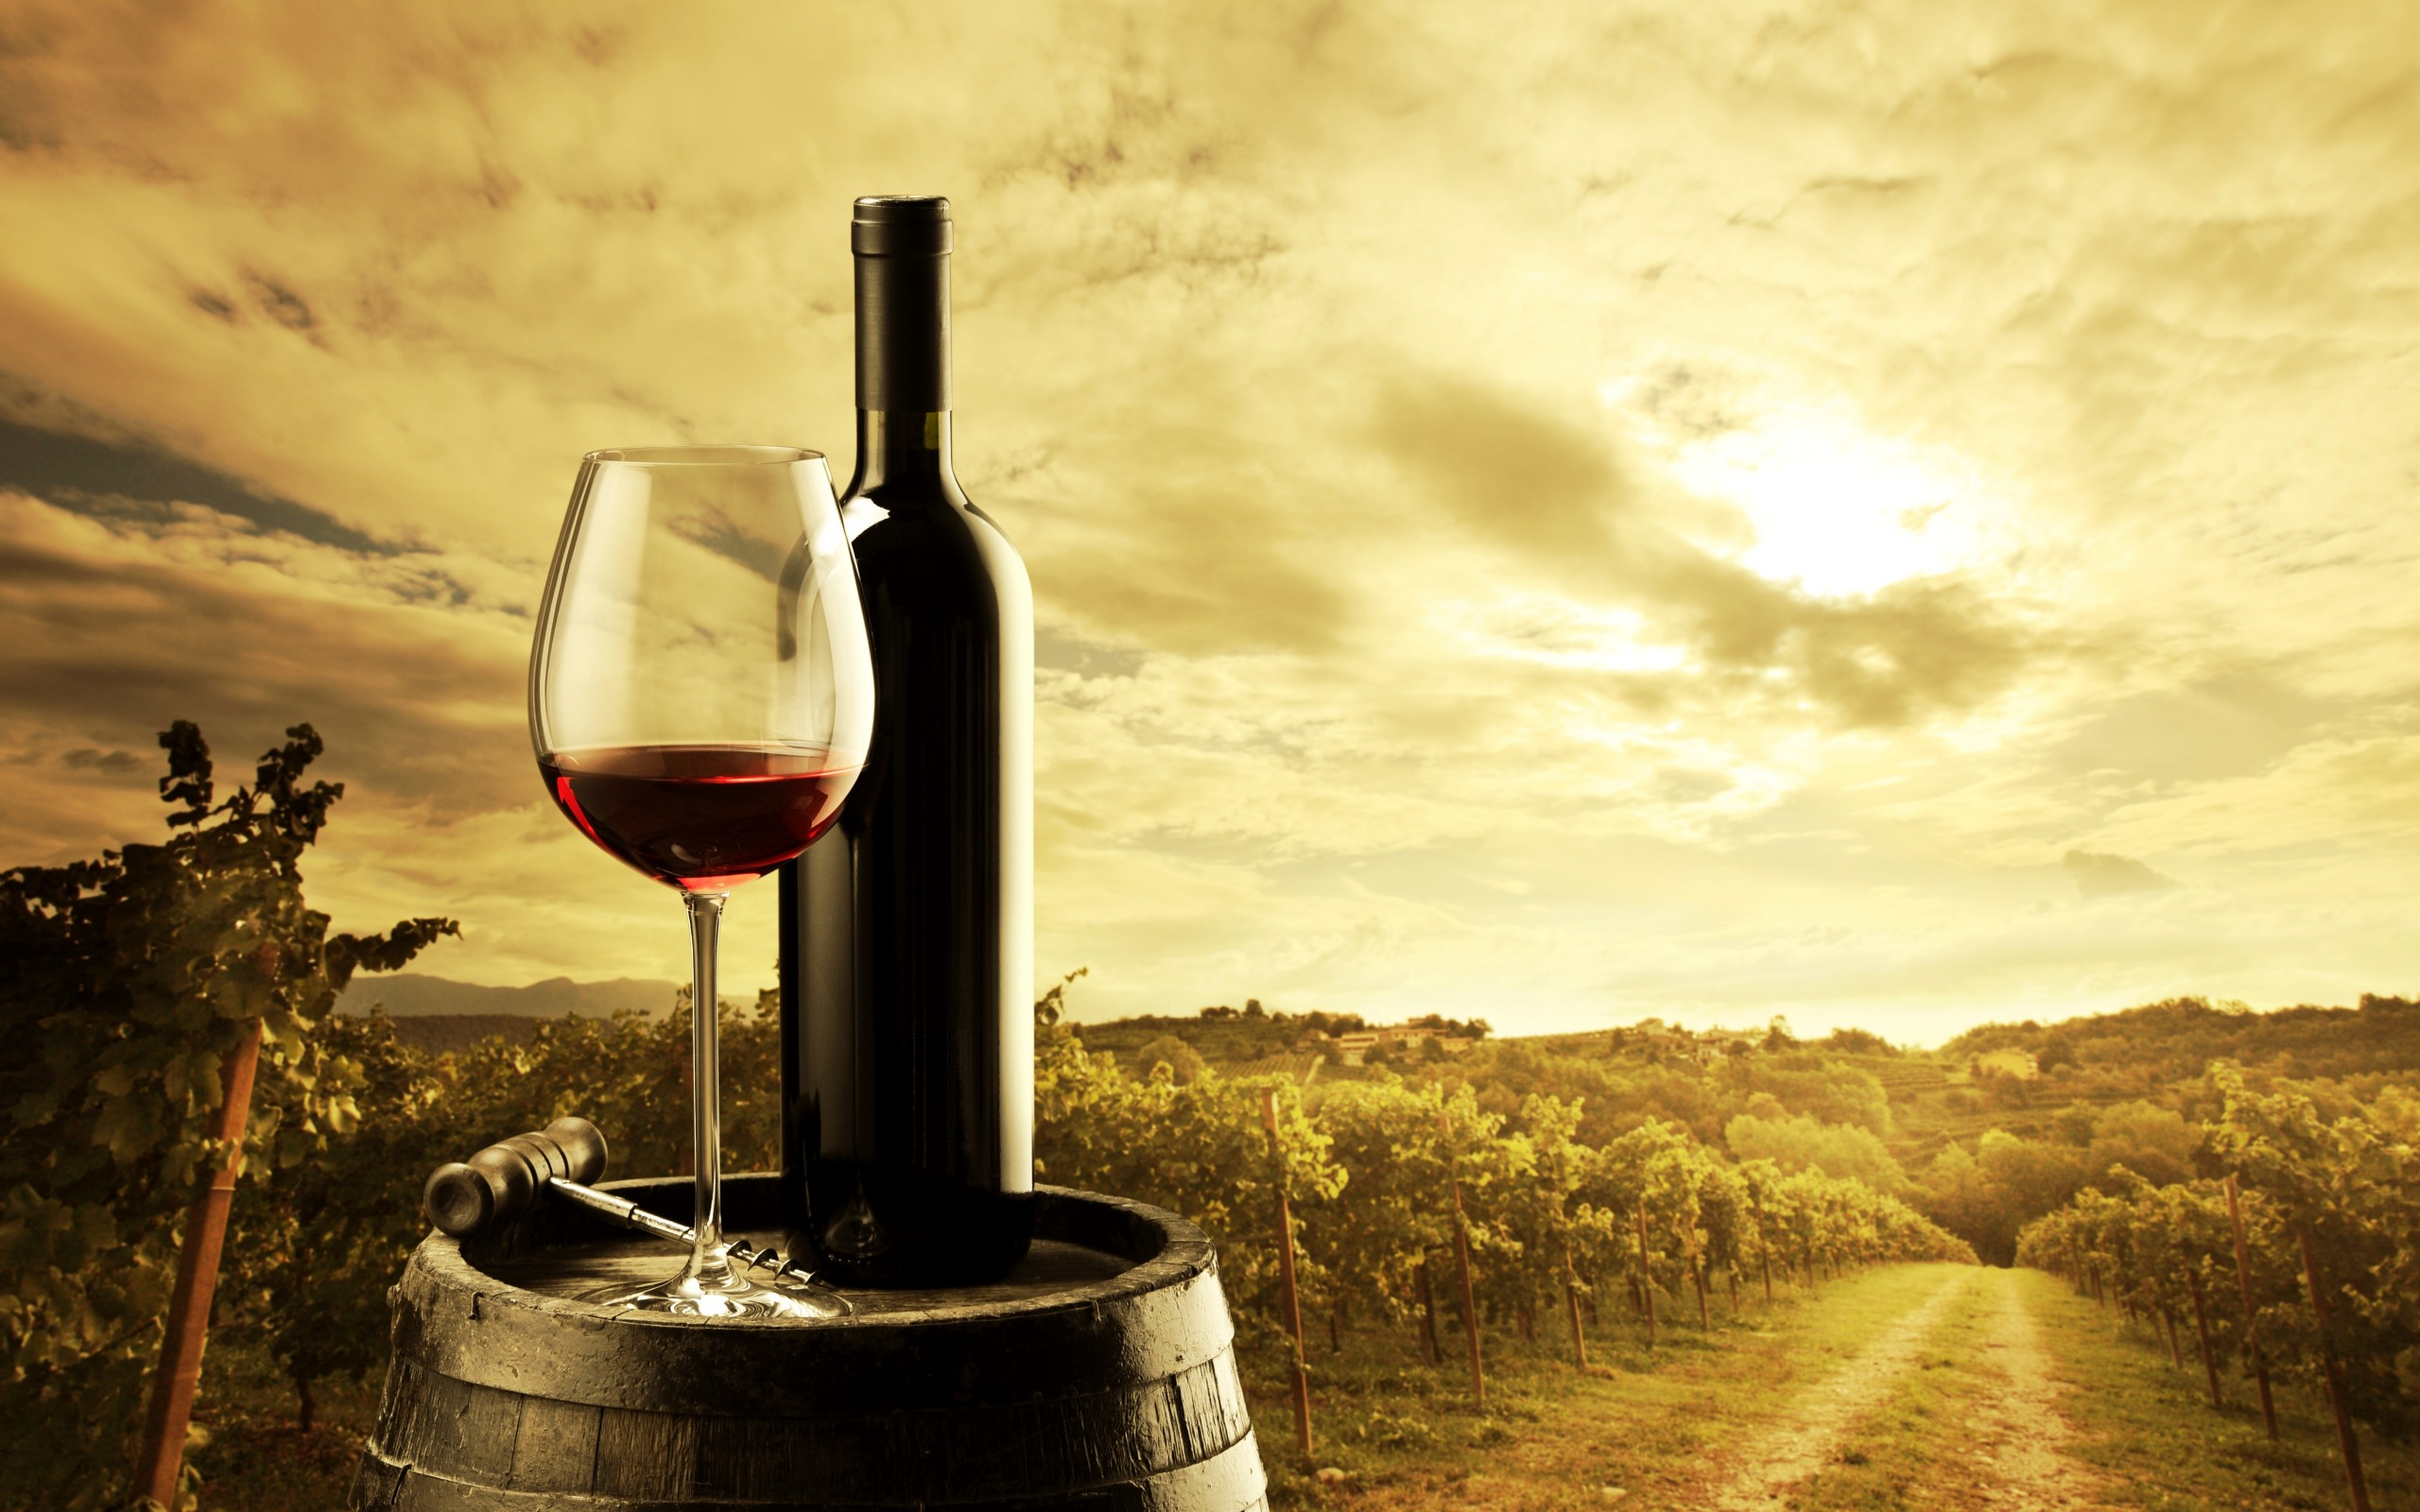 オールワンコイン以下!美味しすぎるチリワインと絶品おつまみのサムネイル画像